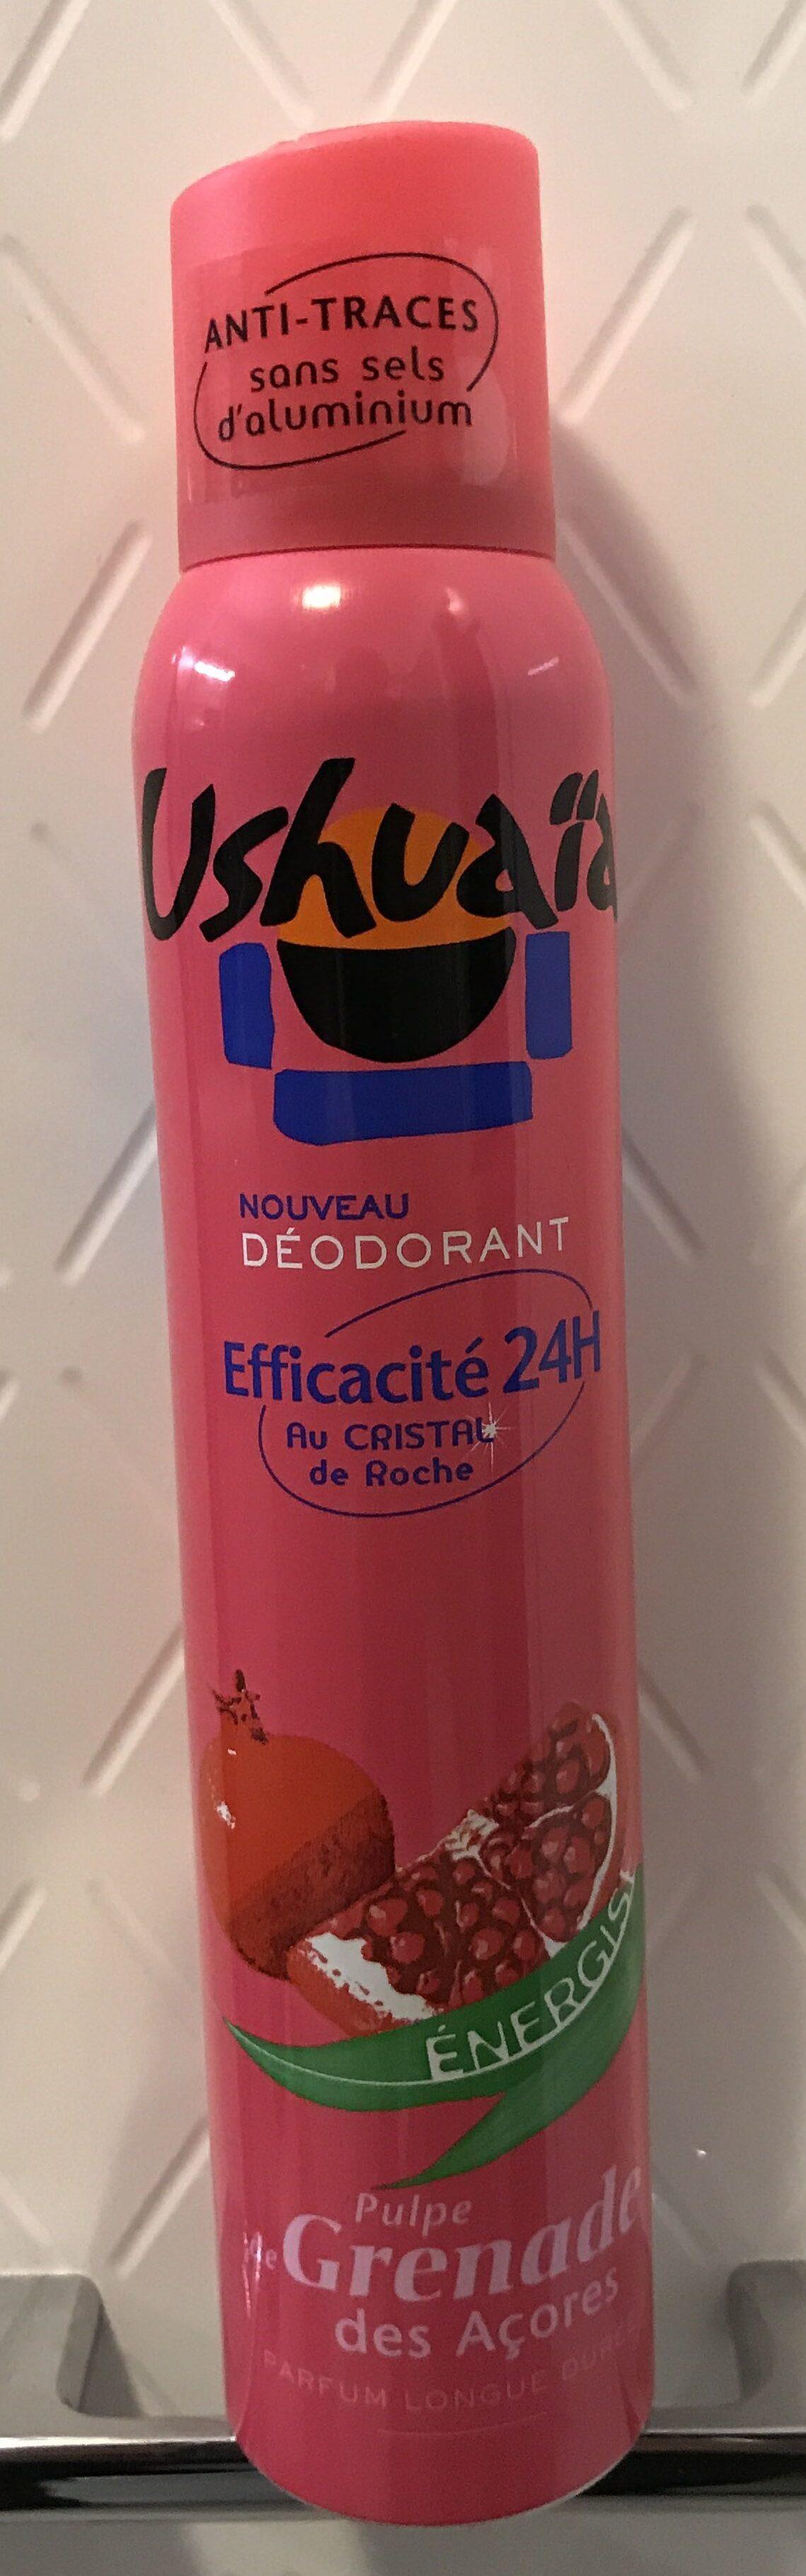 Déodorant à la pulpe de grenade des Açores - Product